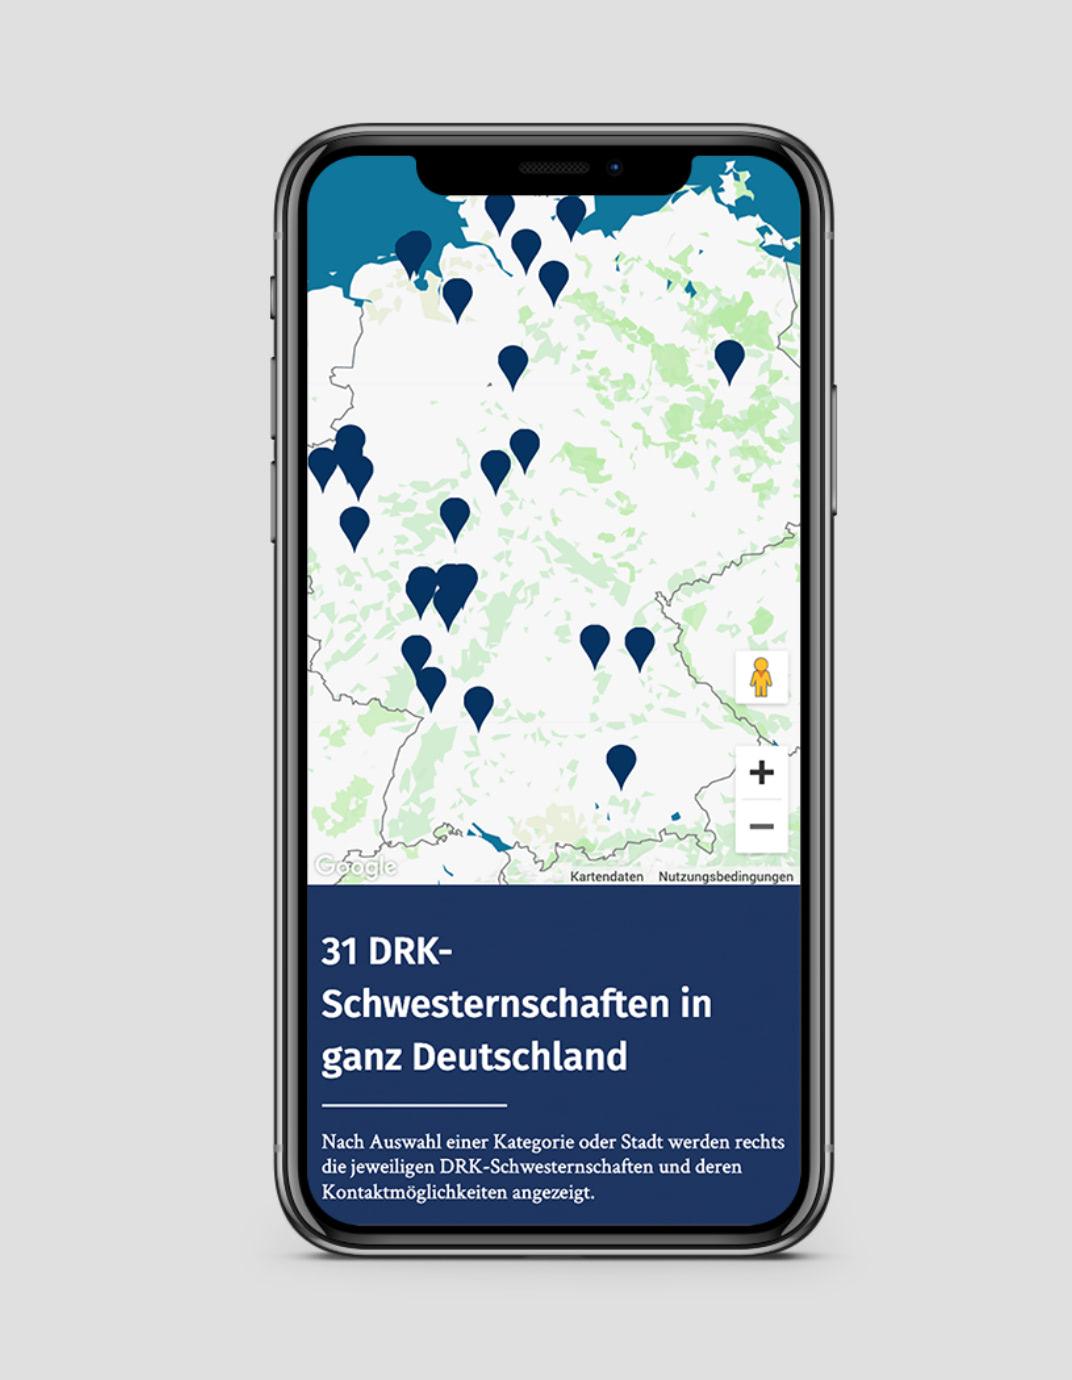 Ansicht einer Karte auf der Website des Verbands der Schwesternschaften vom DRK e.V. auf einem Smartphone, gestaltet von der Healthcare Agentur mcs